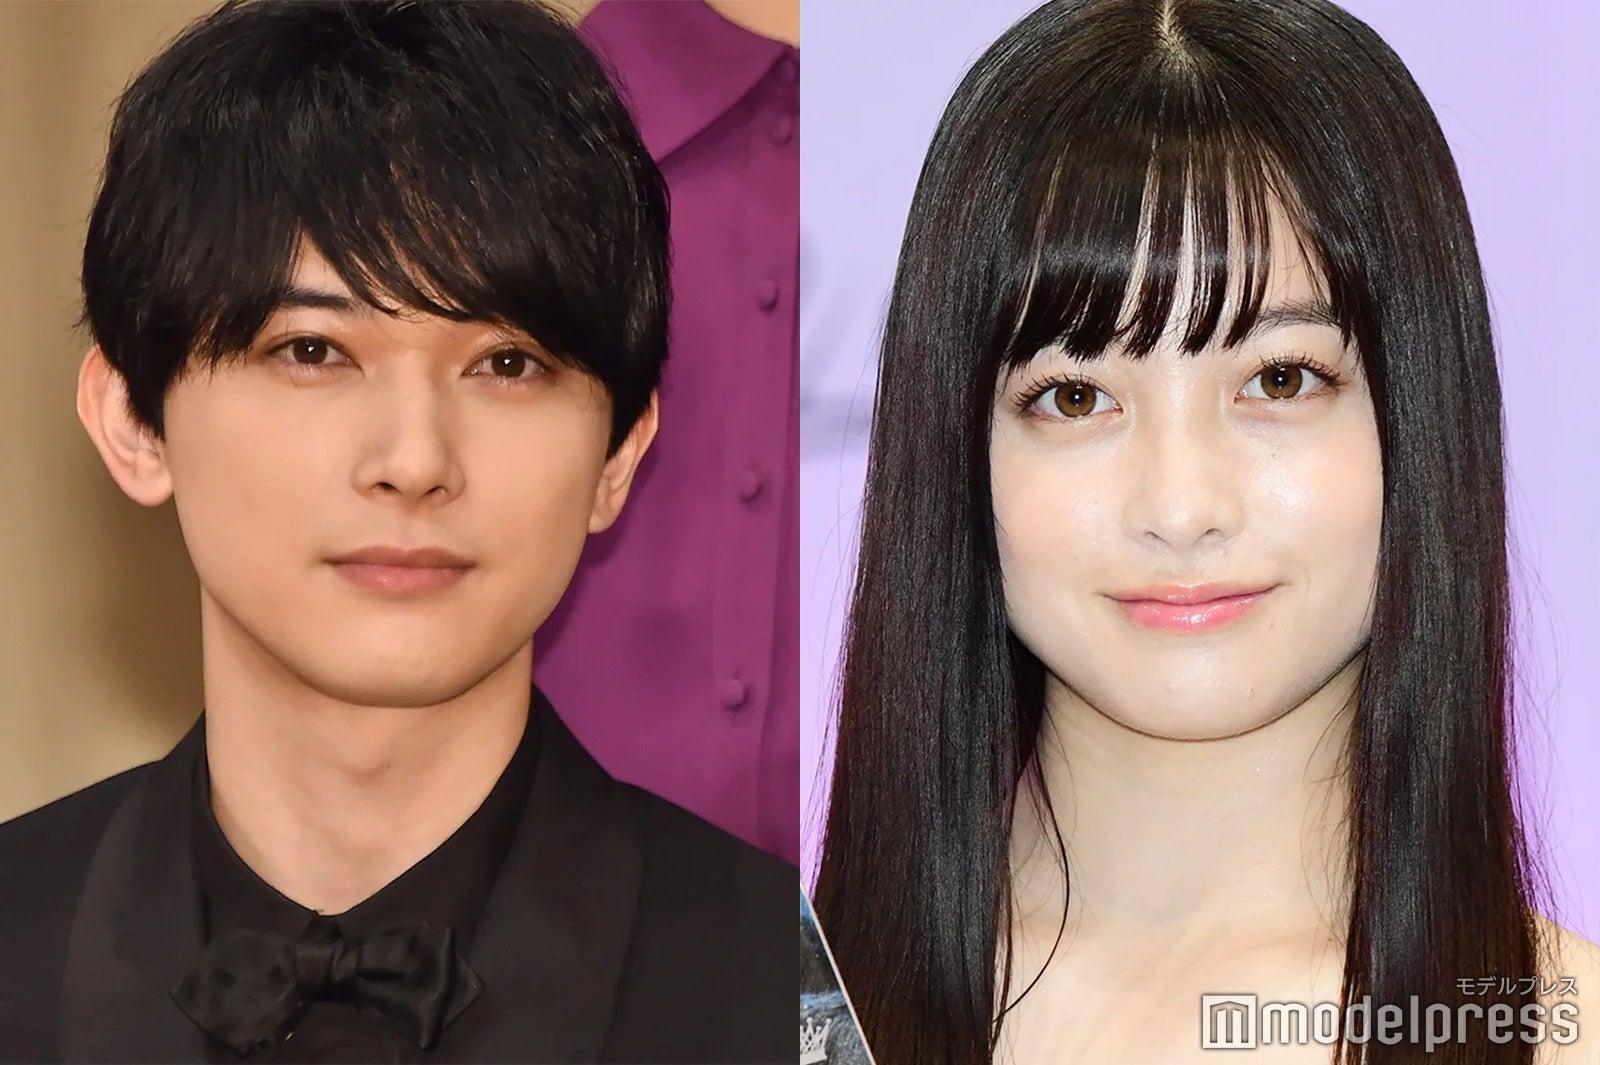 吉沢亮&橋本環奈、共演CMに反響続々「このコンビ大好き」「目の保養」